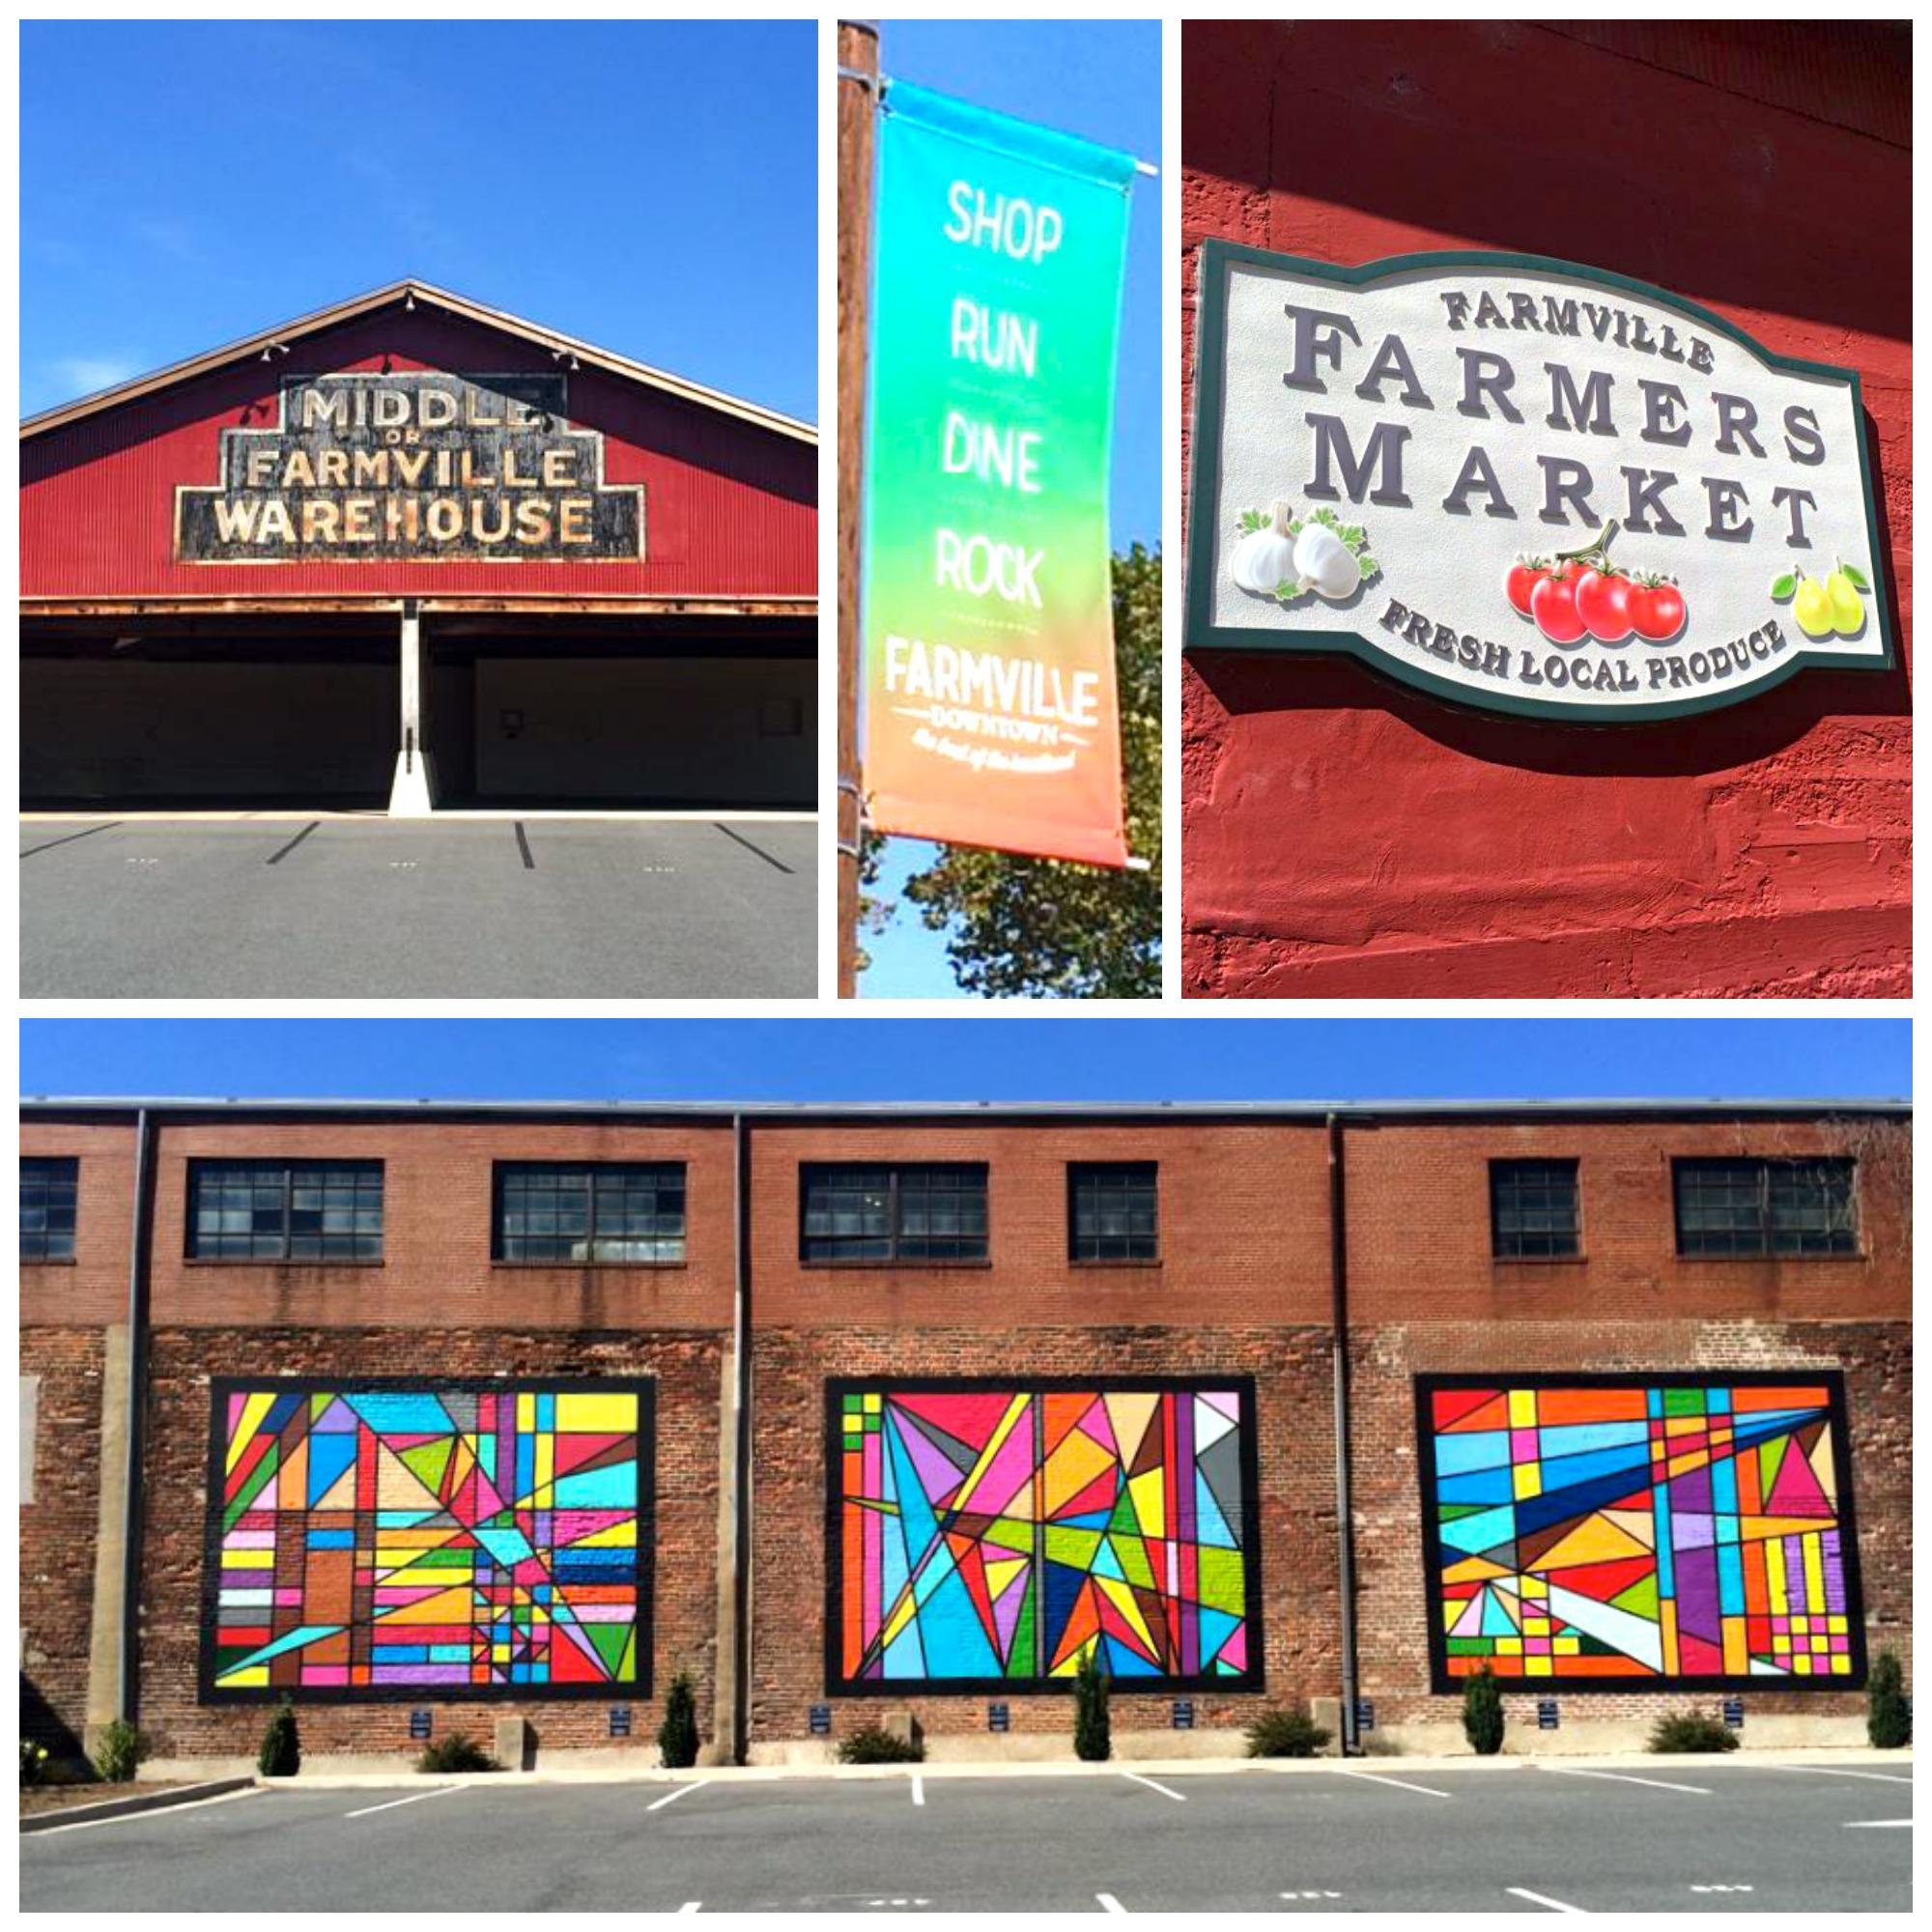 Farmville Virginia Furniture Market